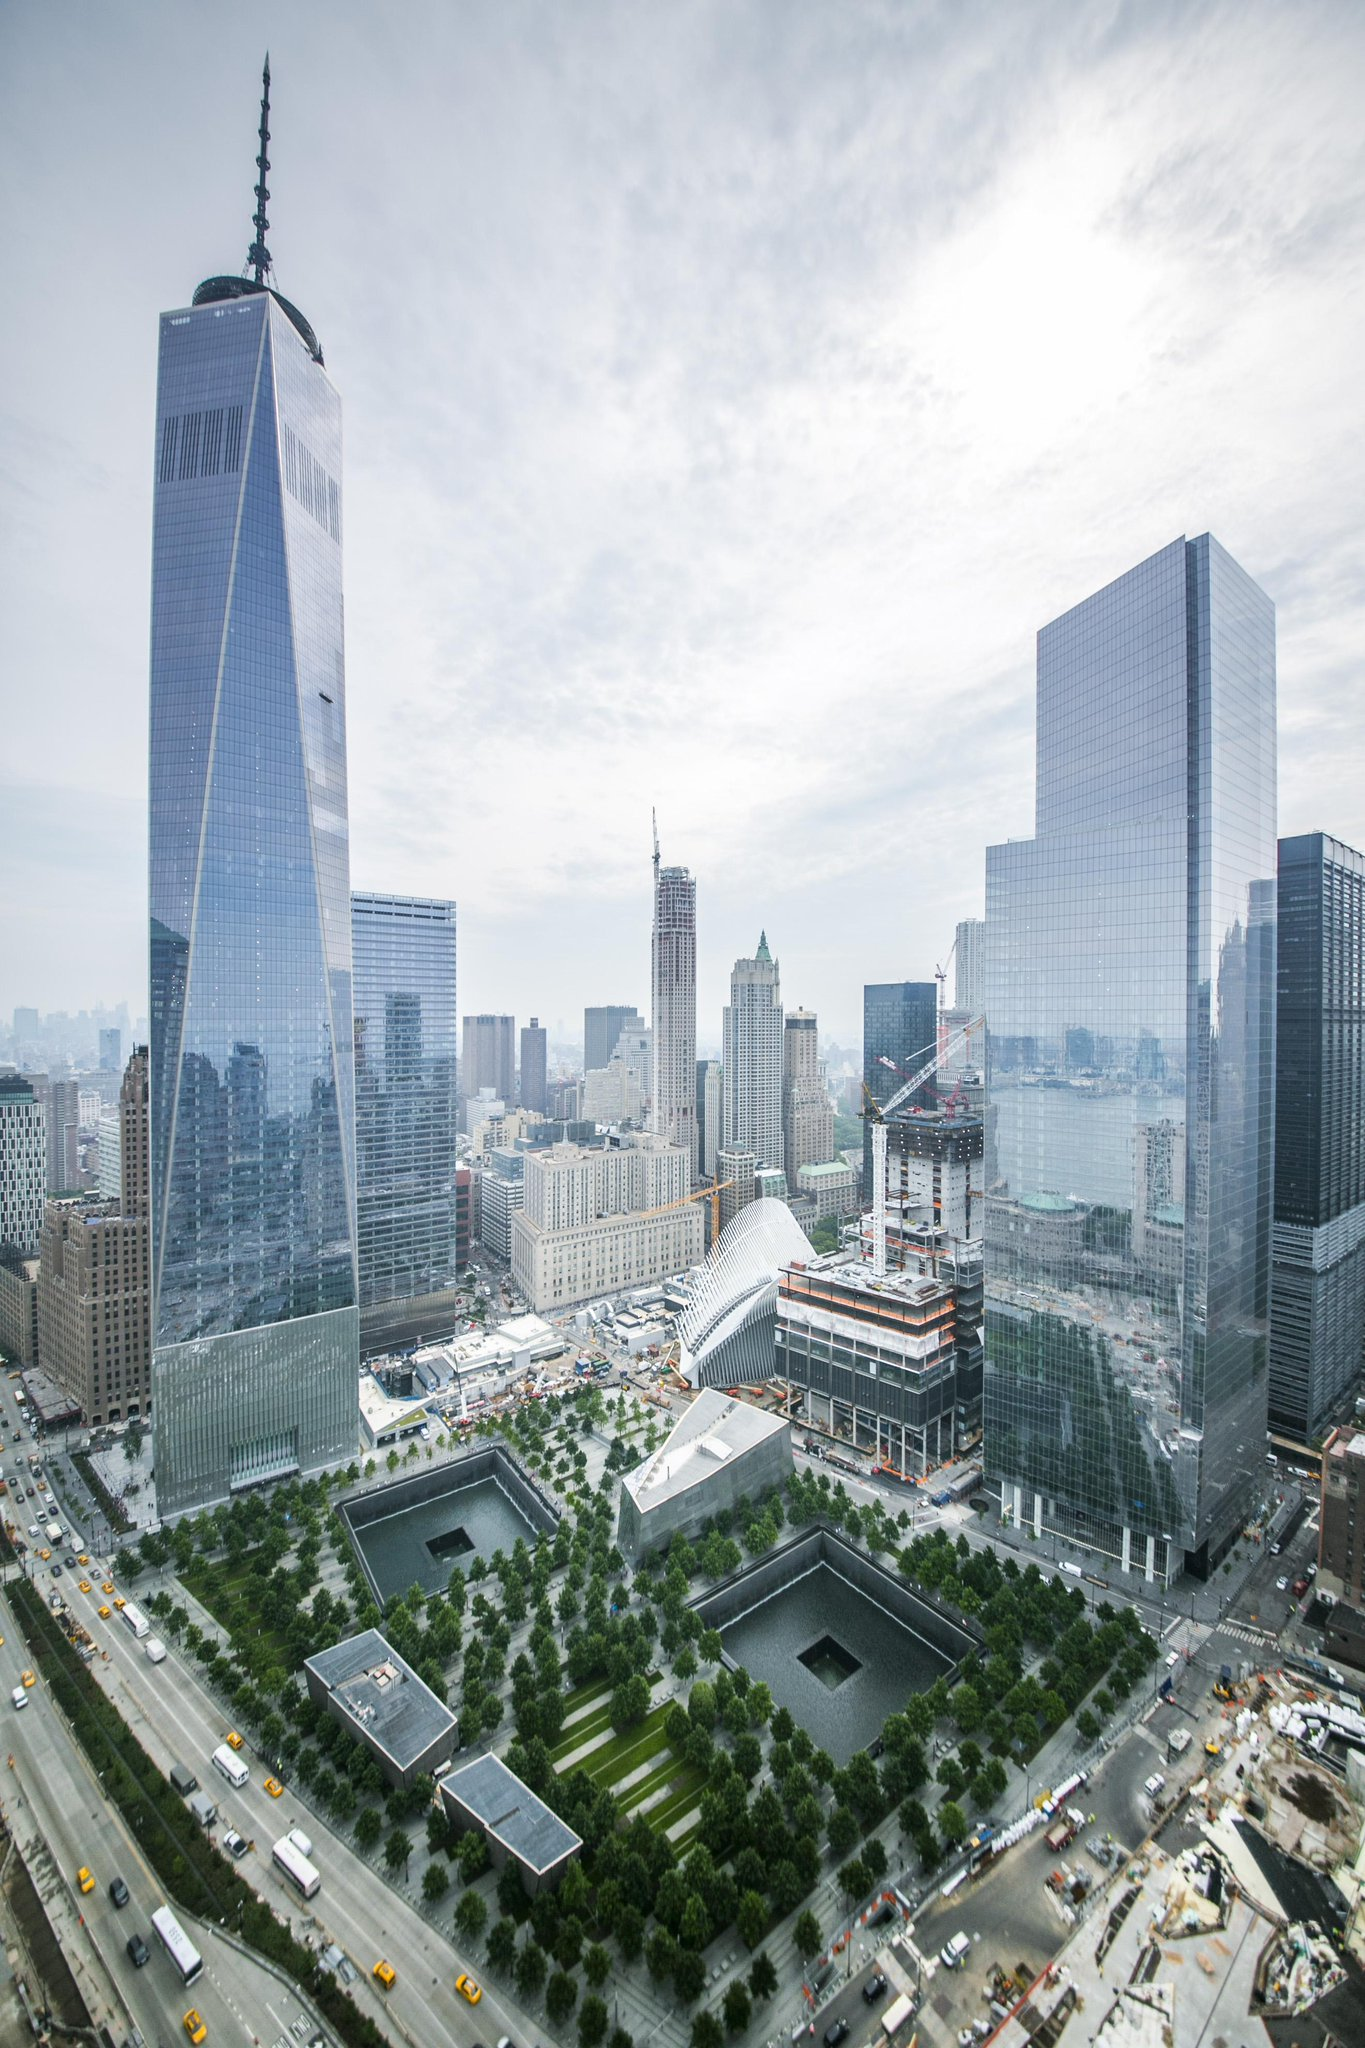 The 16 acre World Trade Center site. http://t.co/IOrRLEpLcJ